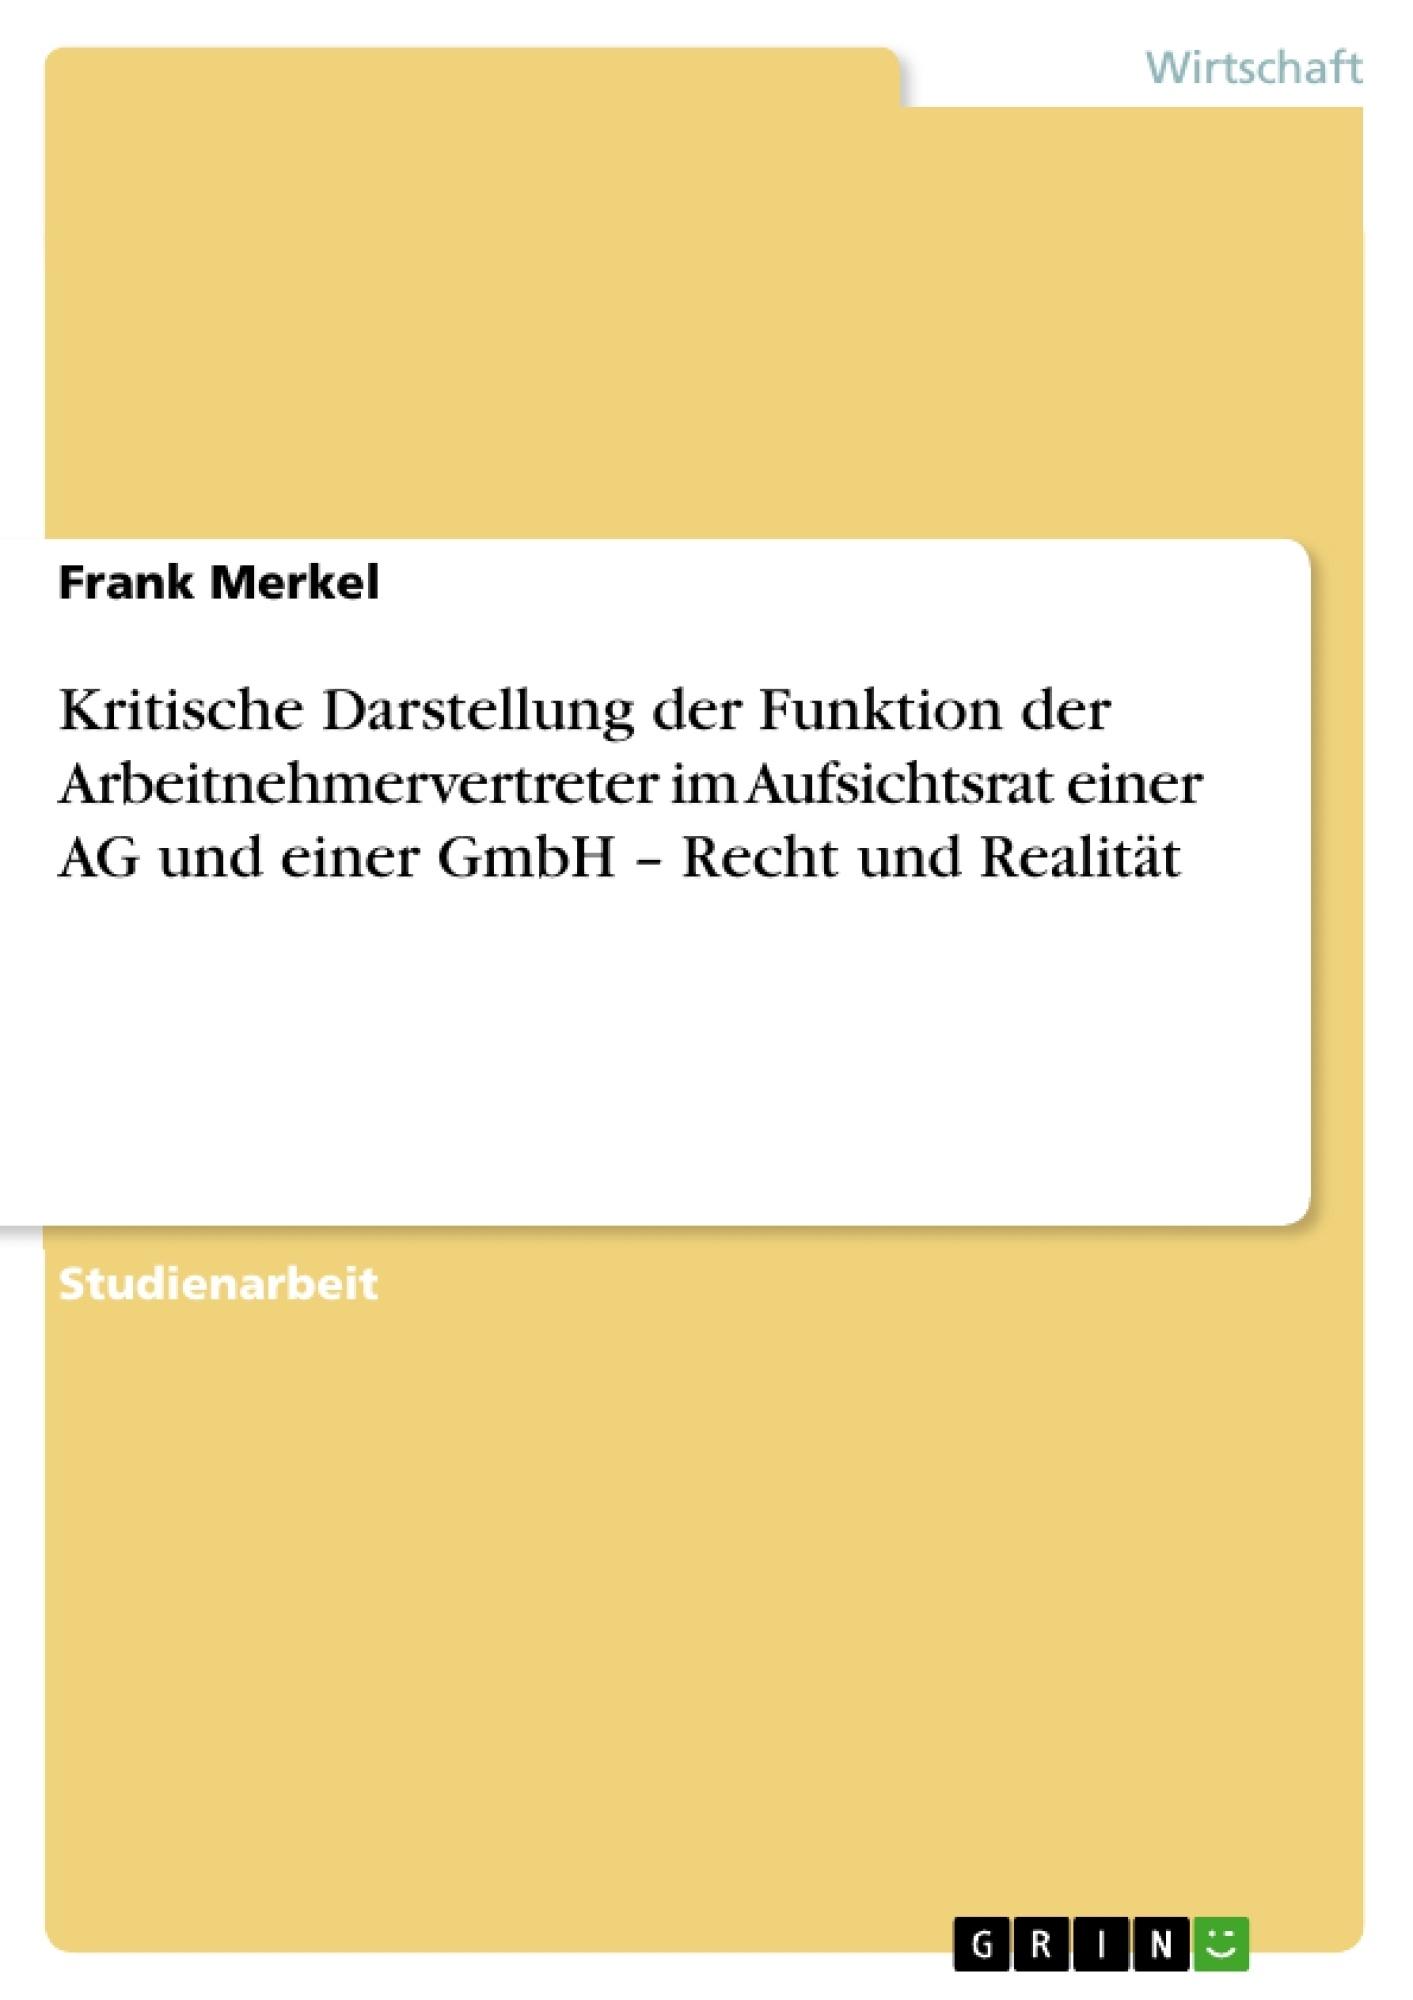 Titel: Kritische Darstellung der Funktion der Arbeitnehmervertreter im Aufsichtsrat einer AG und einer GmbH – Recht und Realität